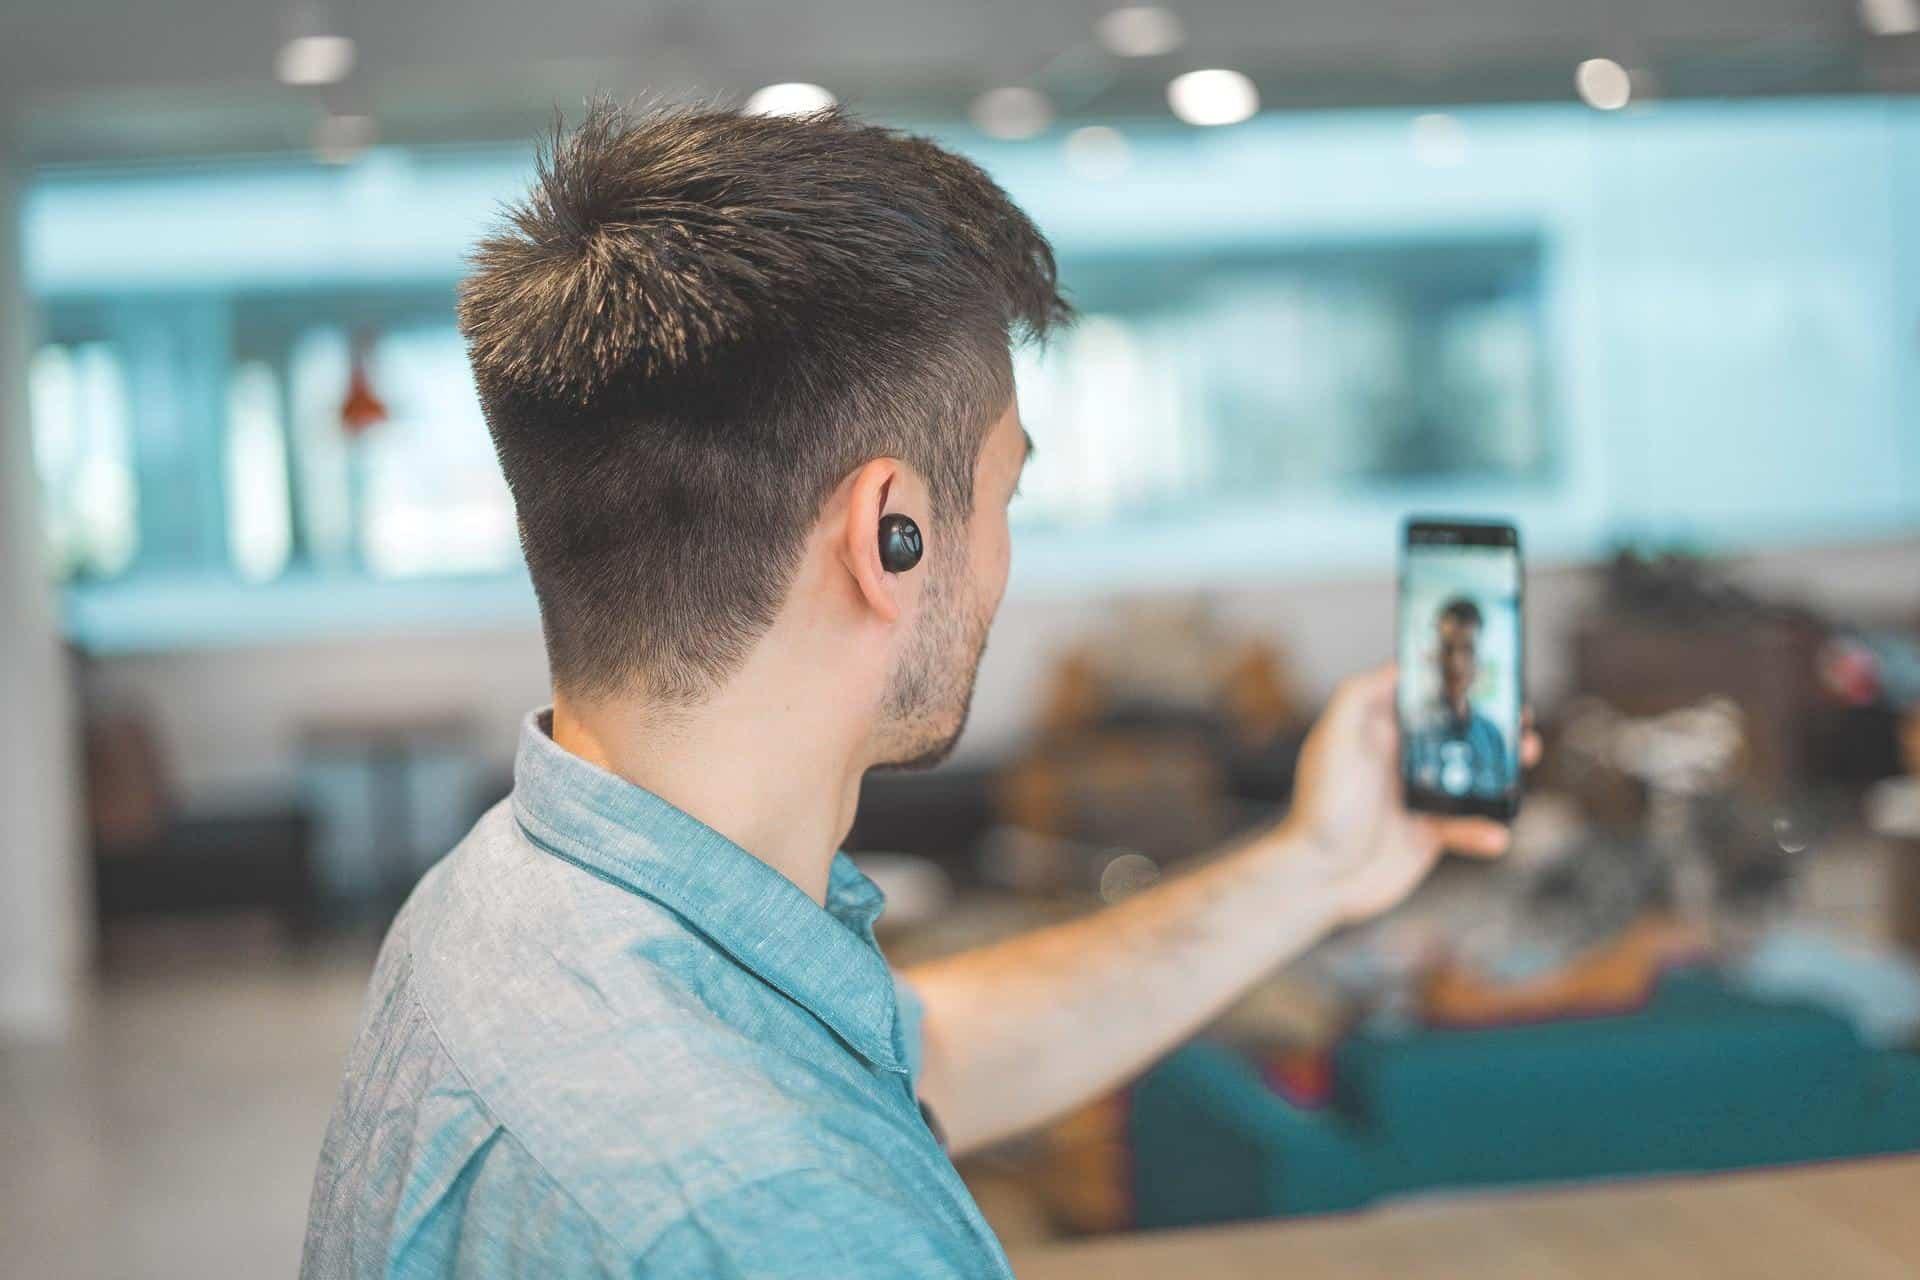 TikTok Marketing: 12 Ways to Turn TikTok Users Into Customers and Improve Your Sales 5